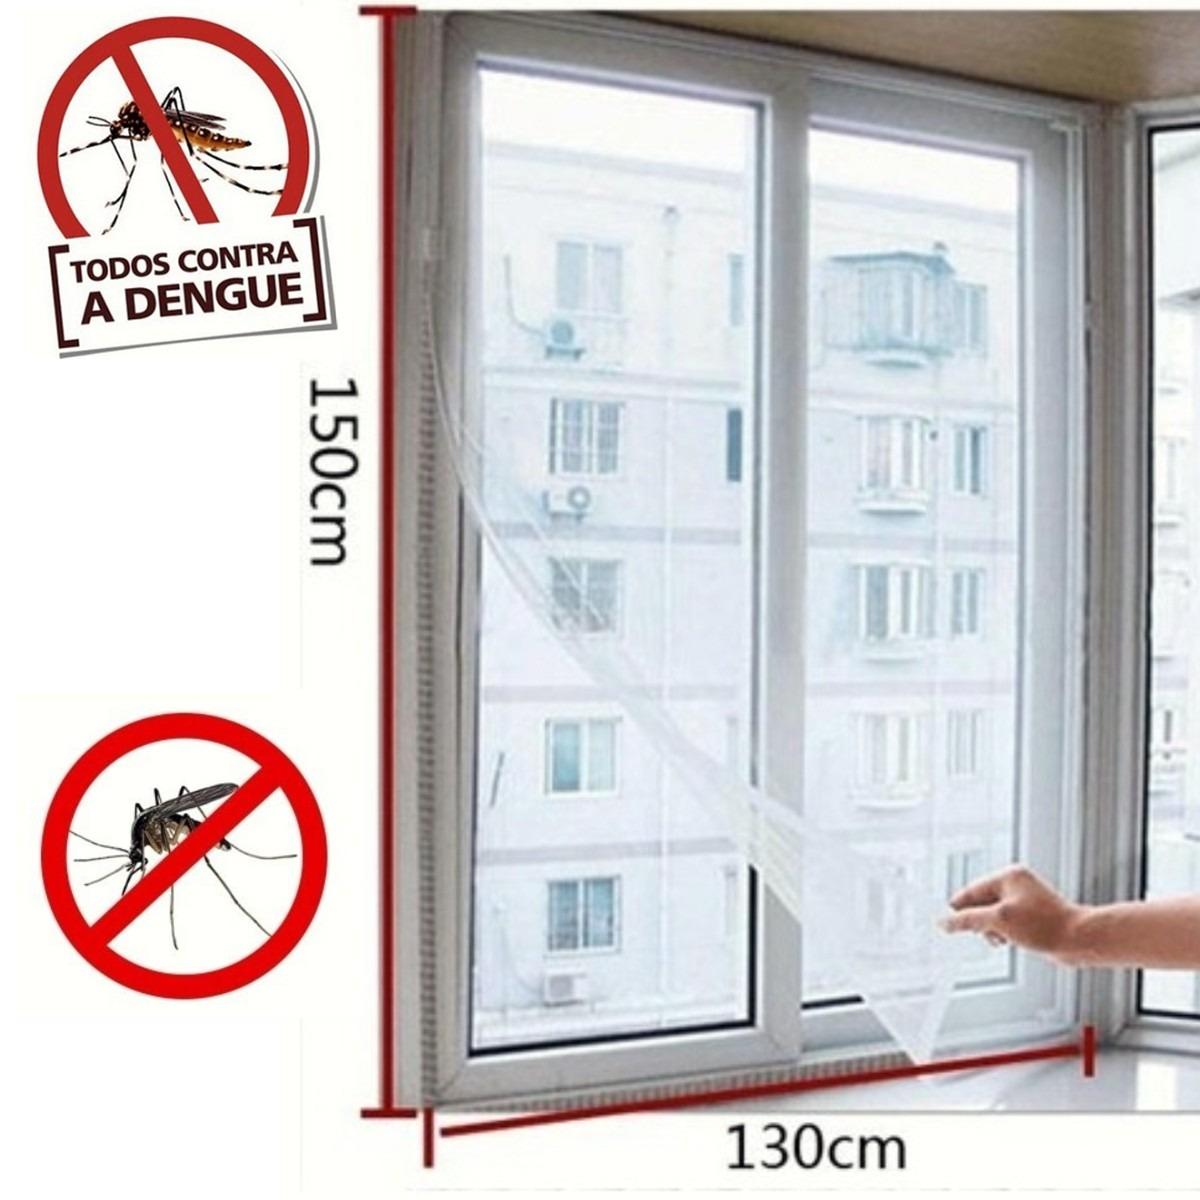 Tela De Janela Protetora Contra Insetos E Mosquito Da Dengue R$ 26  #BD0E0E 1200 1200